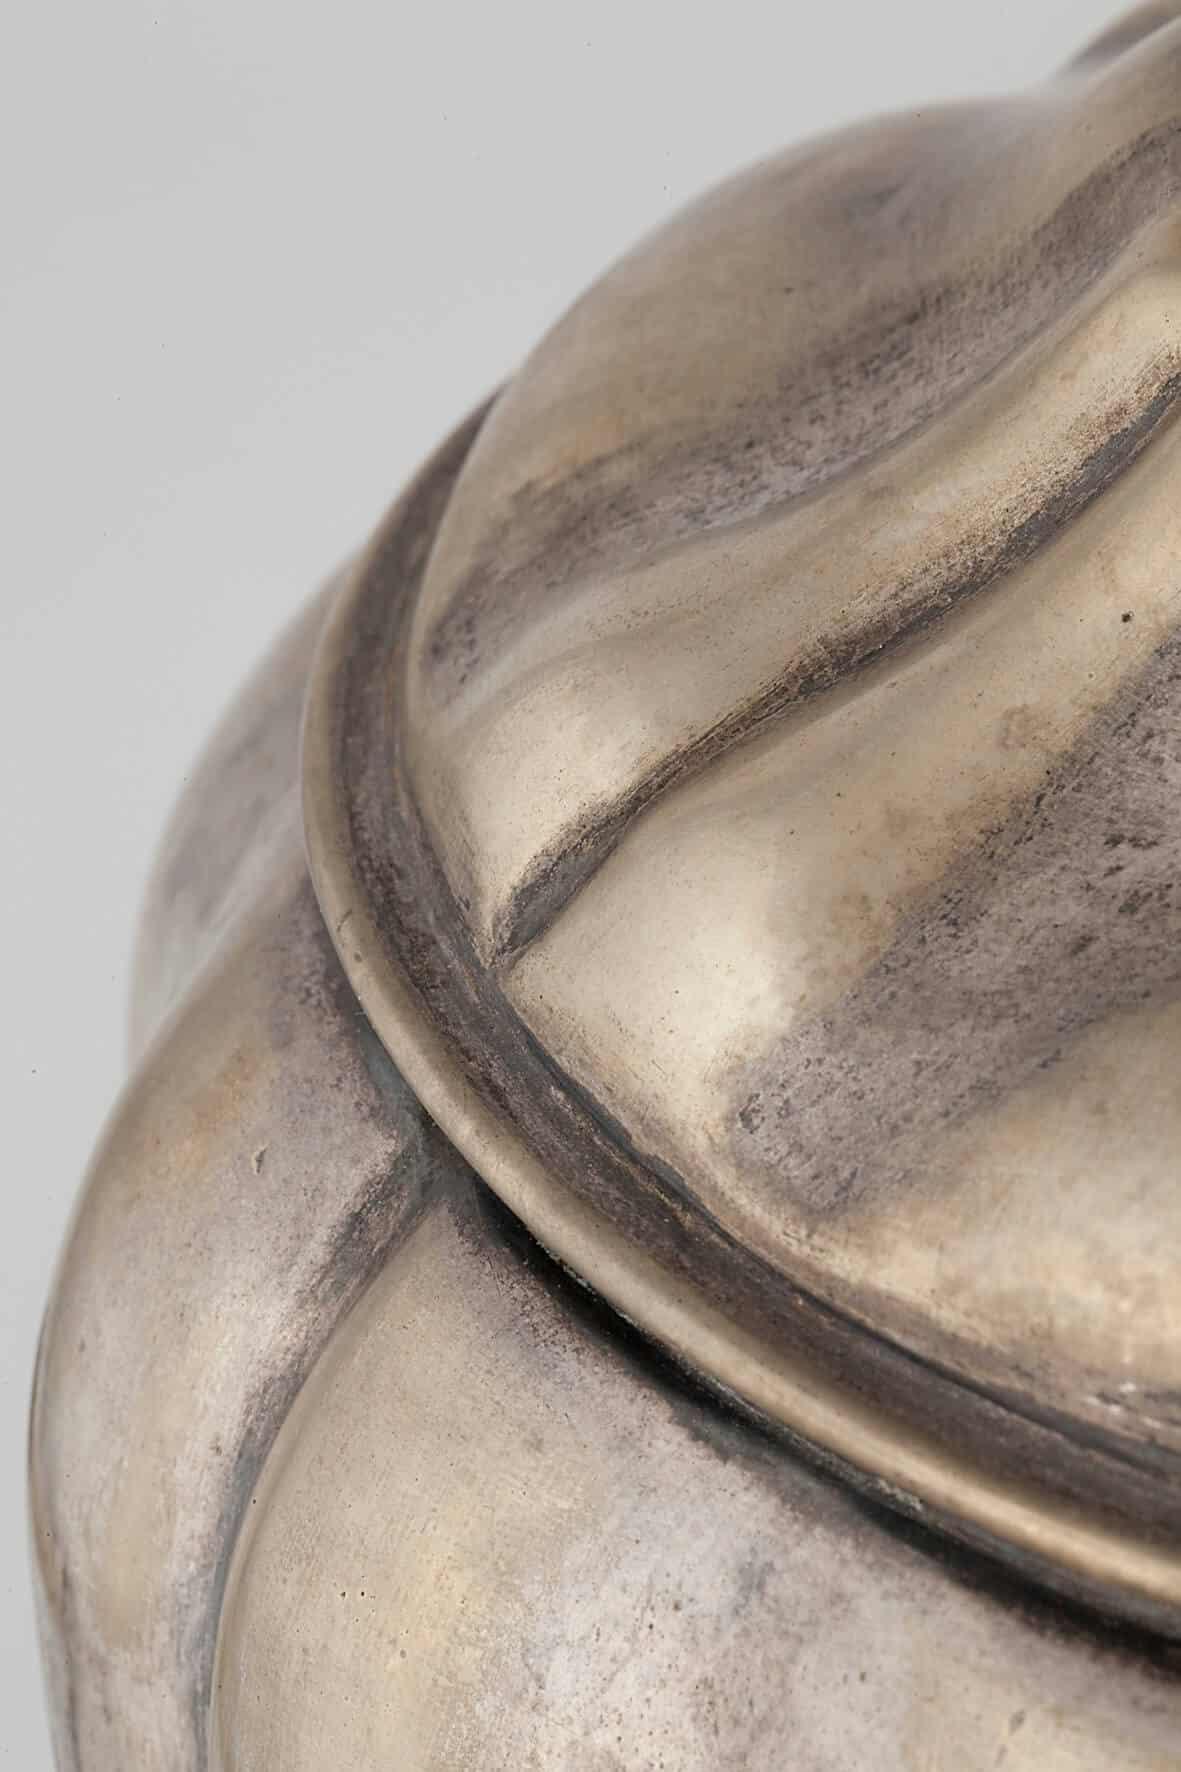 КБ 496 | Самовар - дуля на фигурном поддоне | Музей самоваров и бульоток